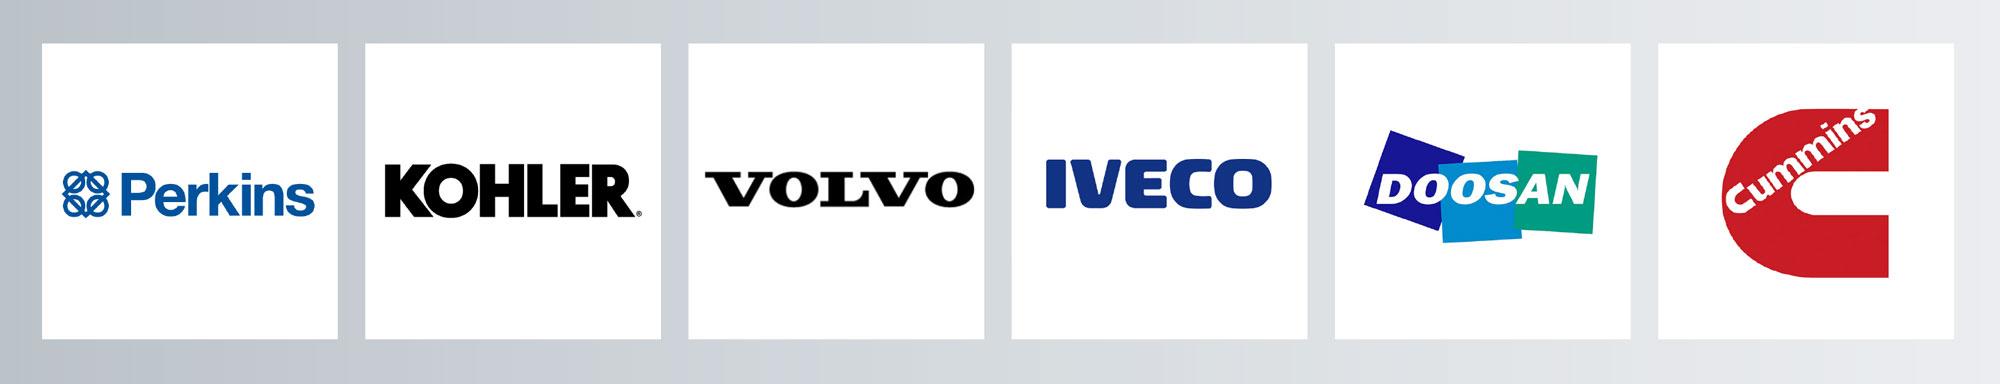 Dagartech: Perkins, Kohler, Volvo, Iveco, Doosan, Cummins.